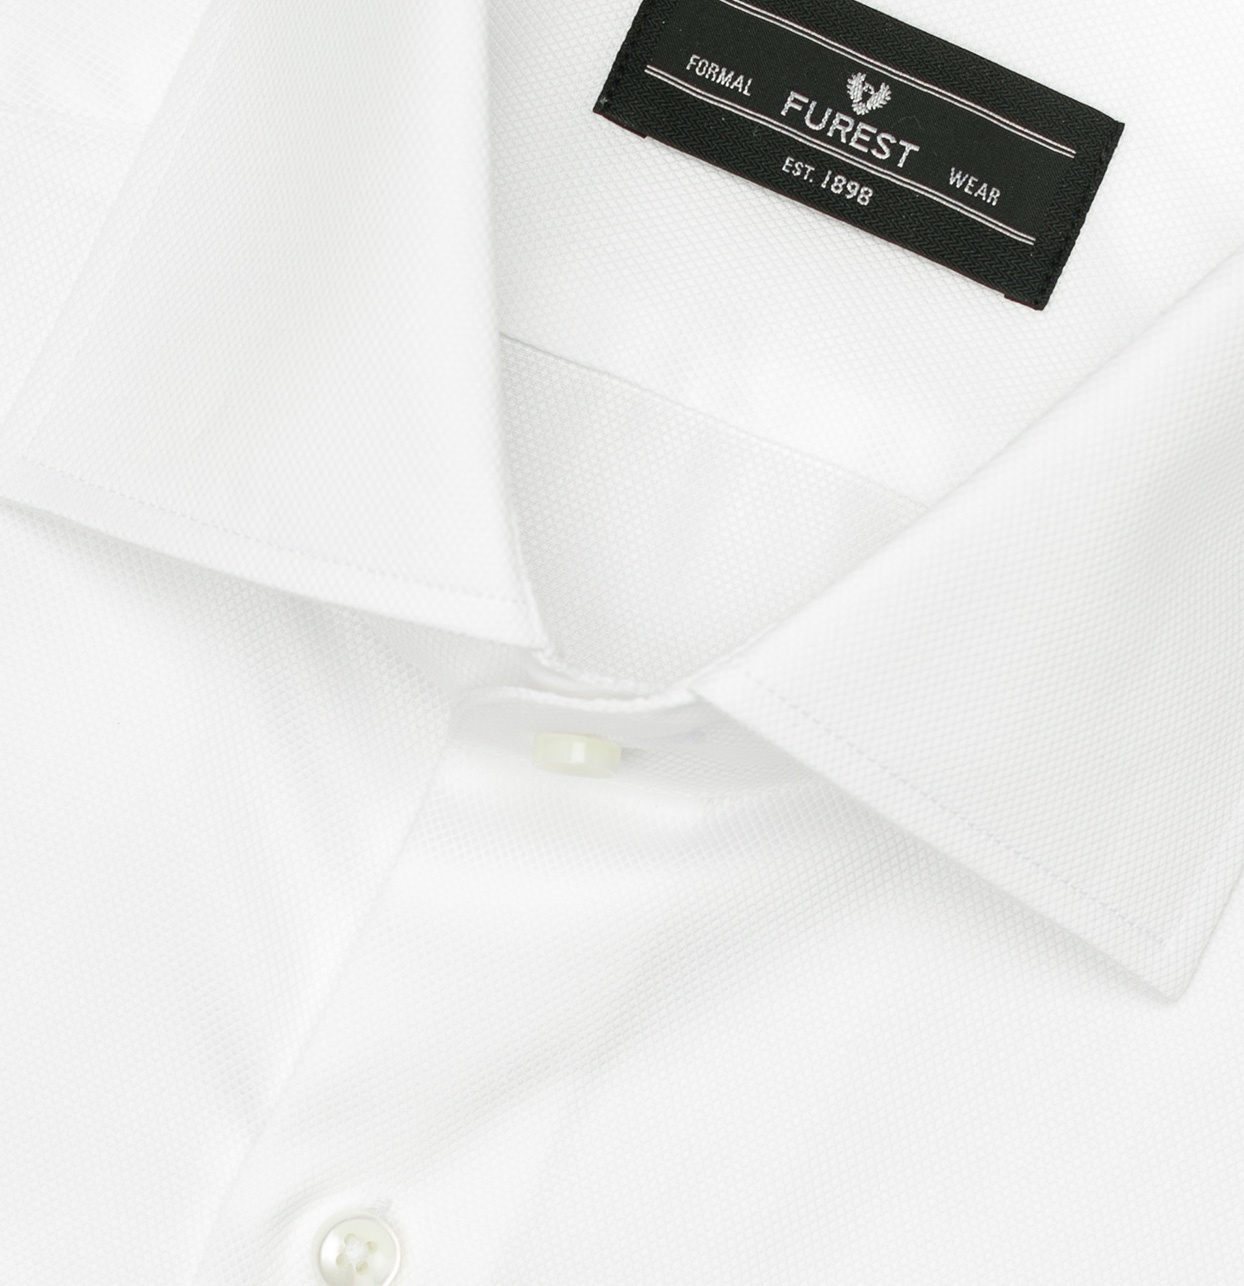 Camisa Formal Wear REGULAR FIT cuello Italiano modelo NAPOLI tejido micro esterilla color blanco,100% Algodón. - Ítem1